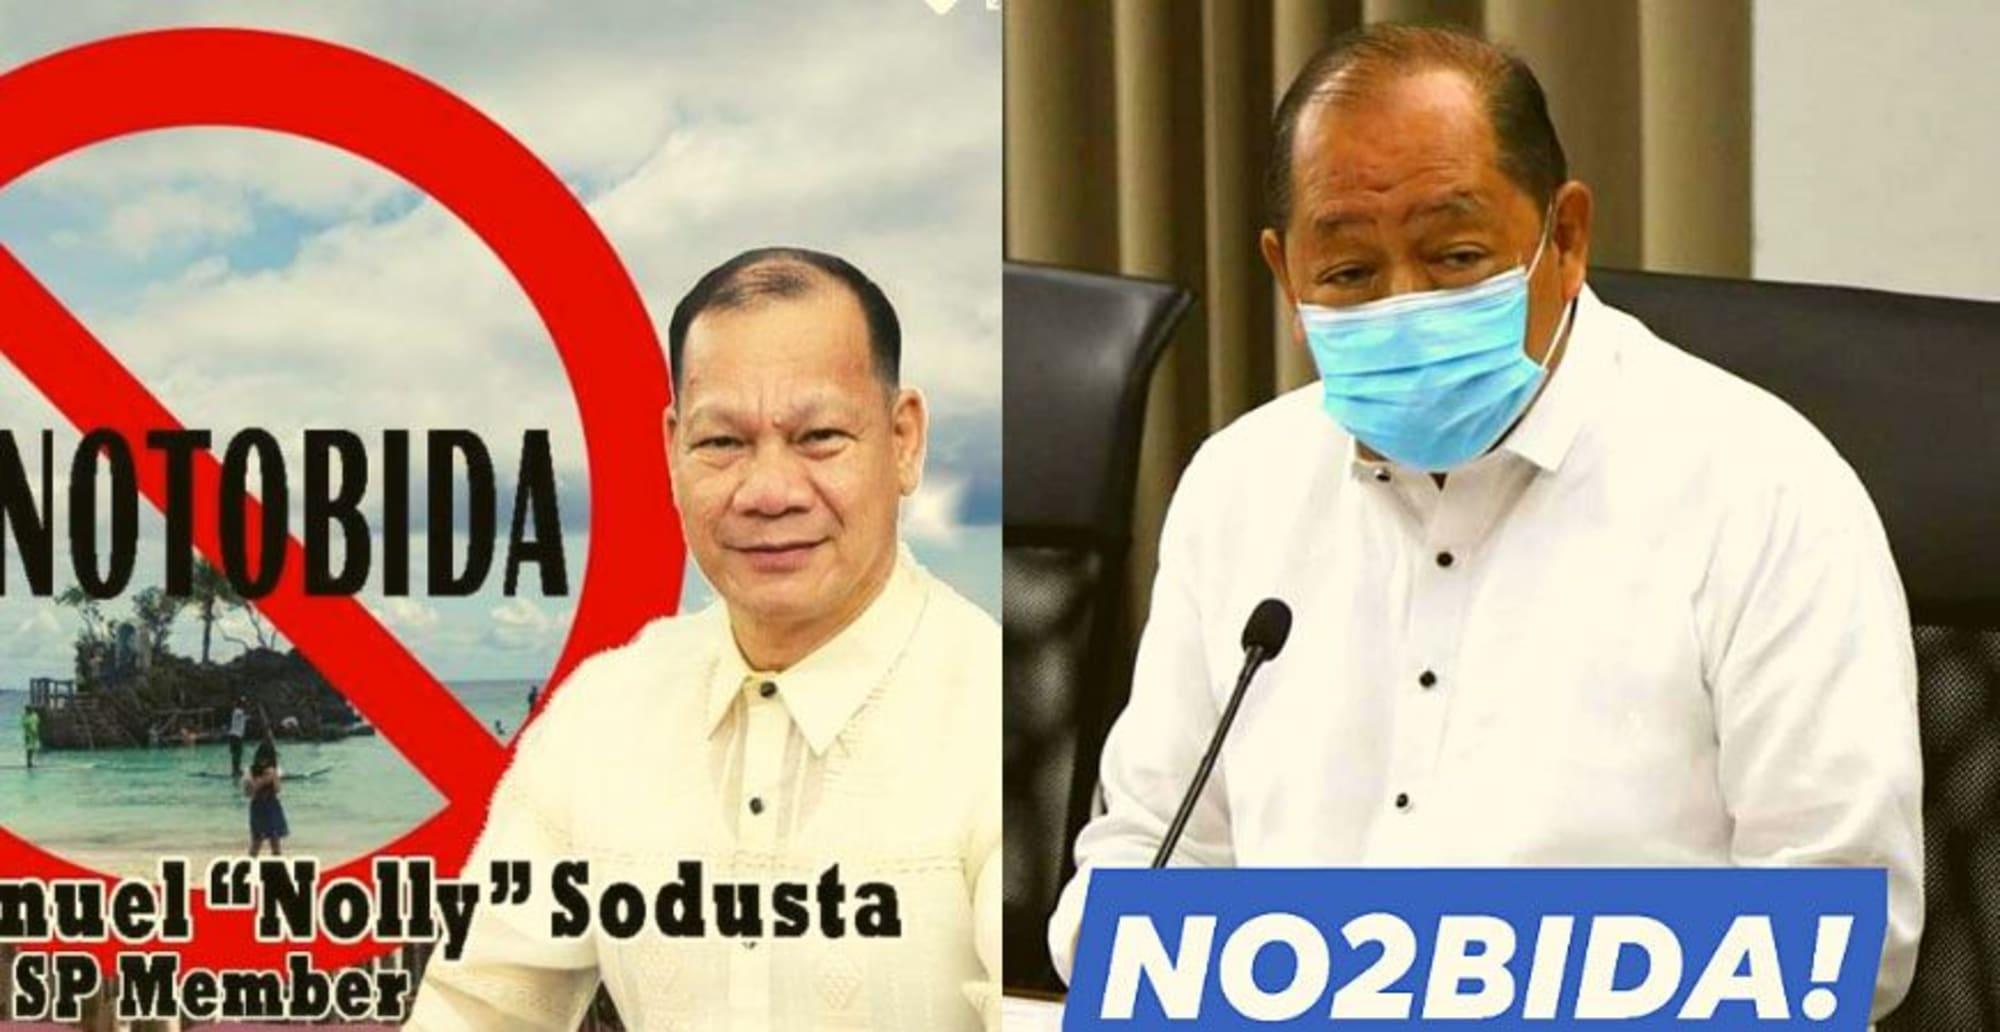 Aklan leaders defiant against Duterte's 'priority' BIDA Bill